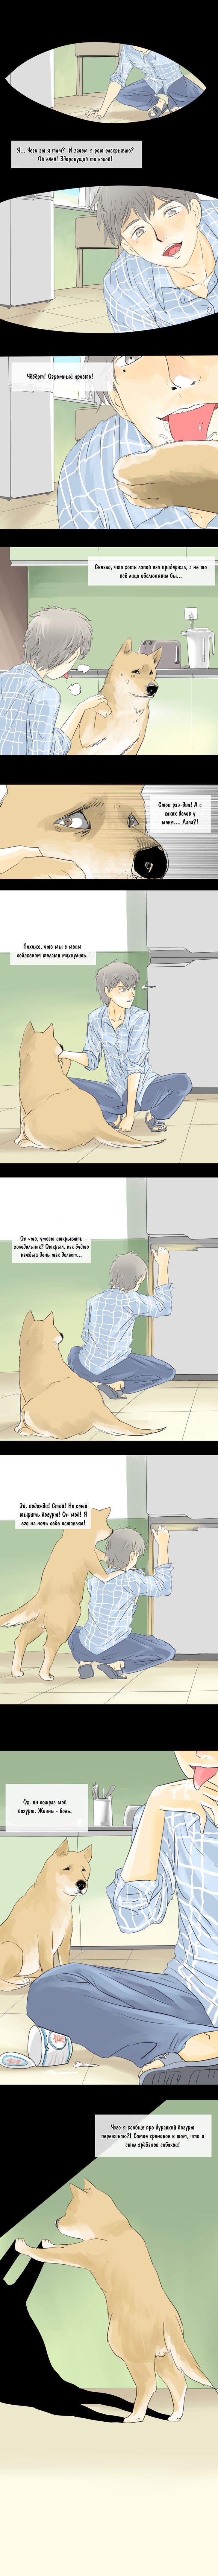 Манга Собакен - Глава 1 Страница 1